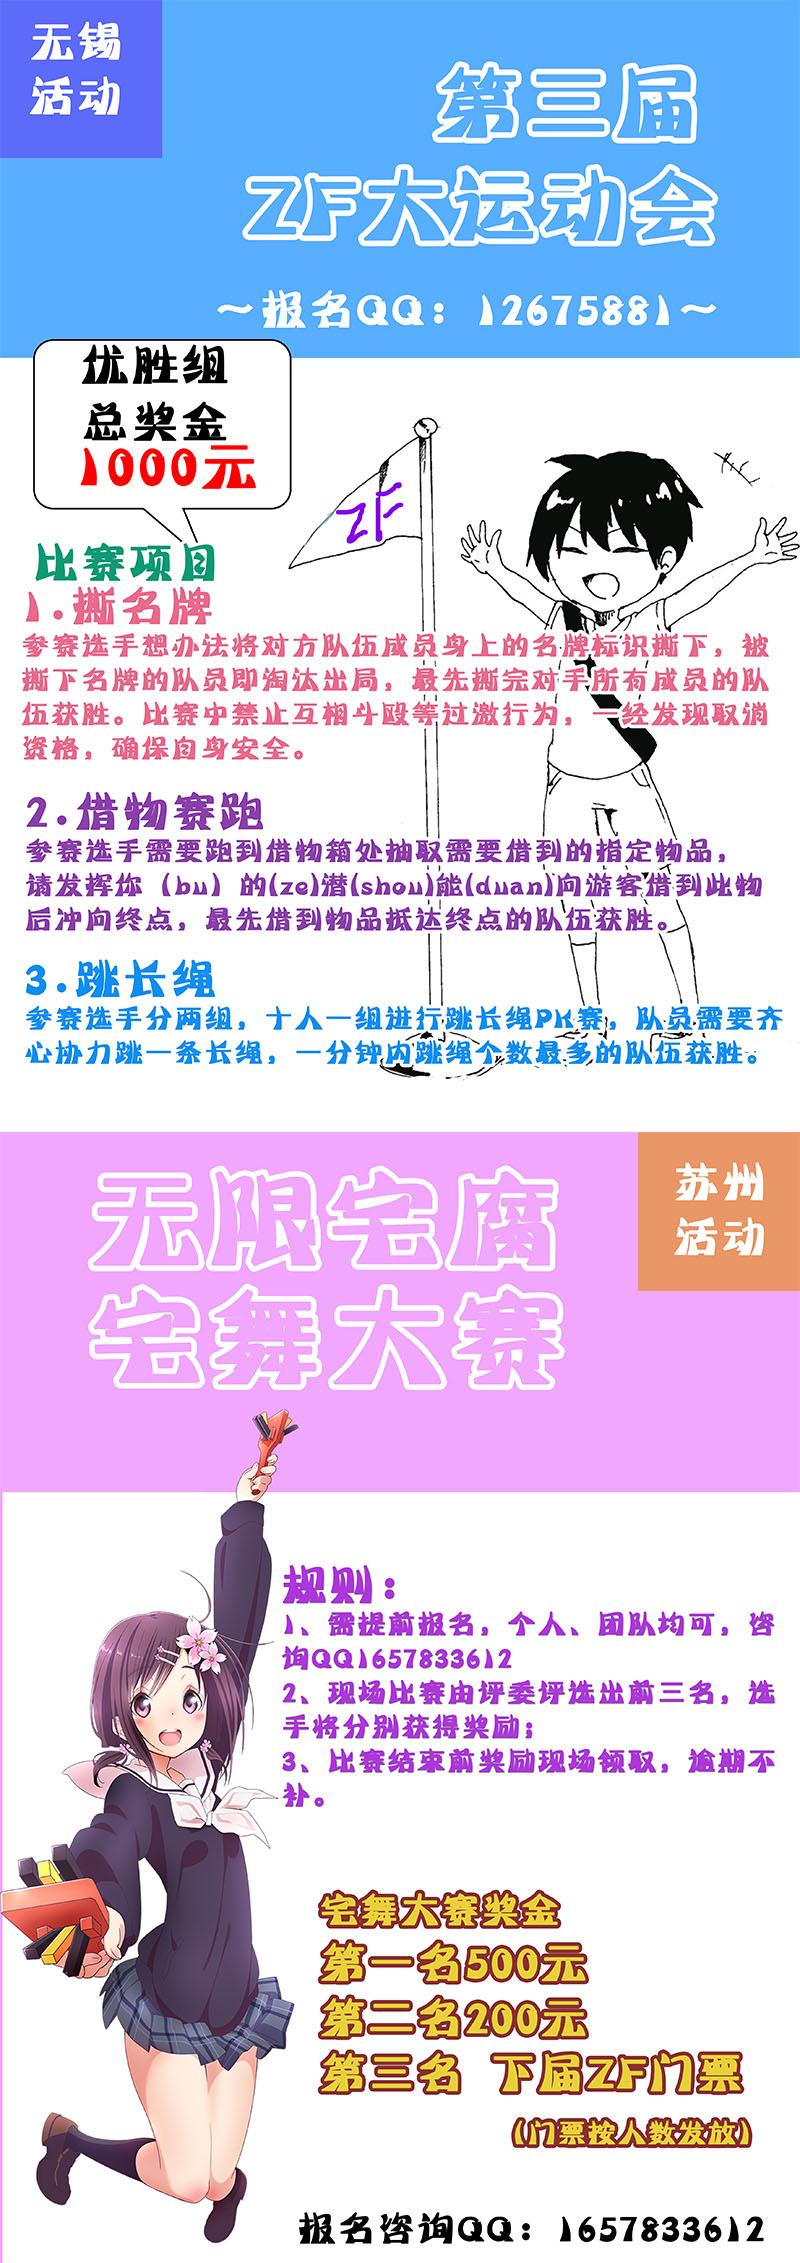 05yundonghui 无限宅腐动漫嘉年华ZF12——ZF满汉全席无锡苏州双城连战